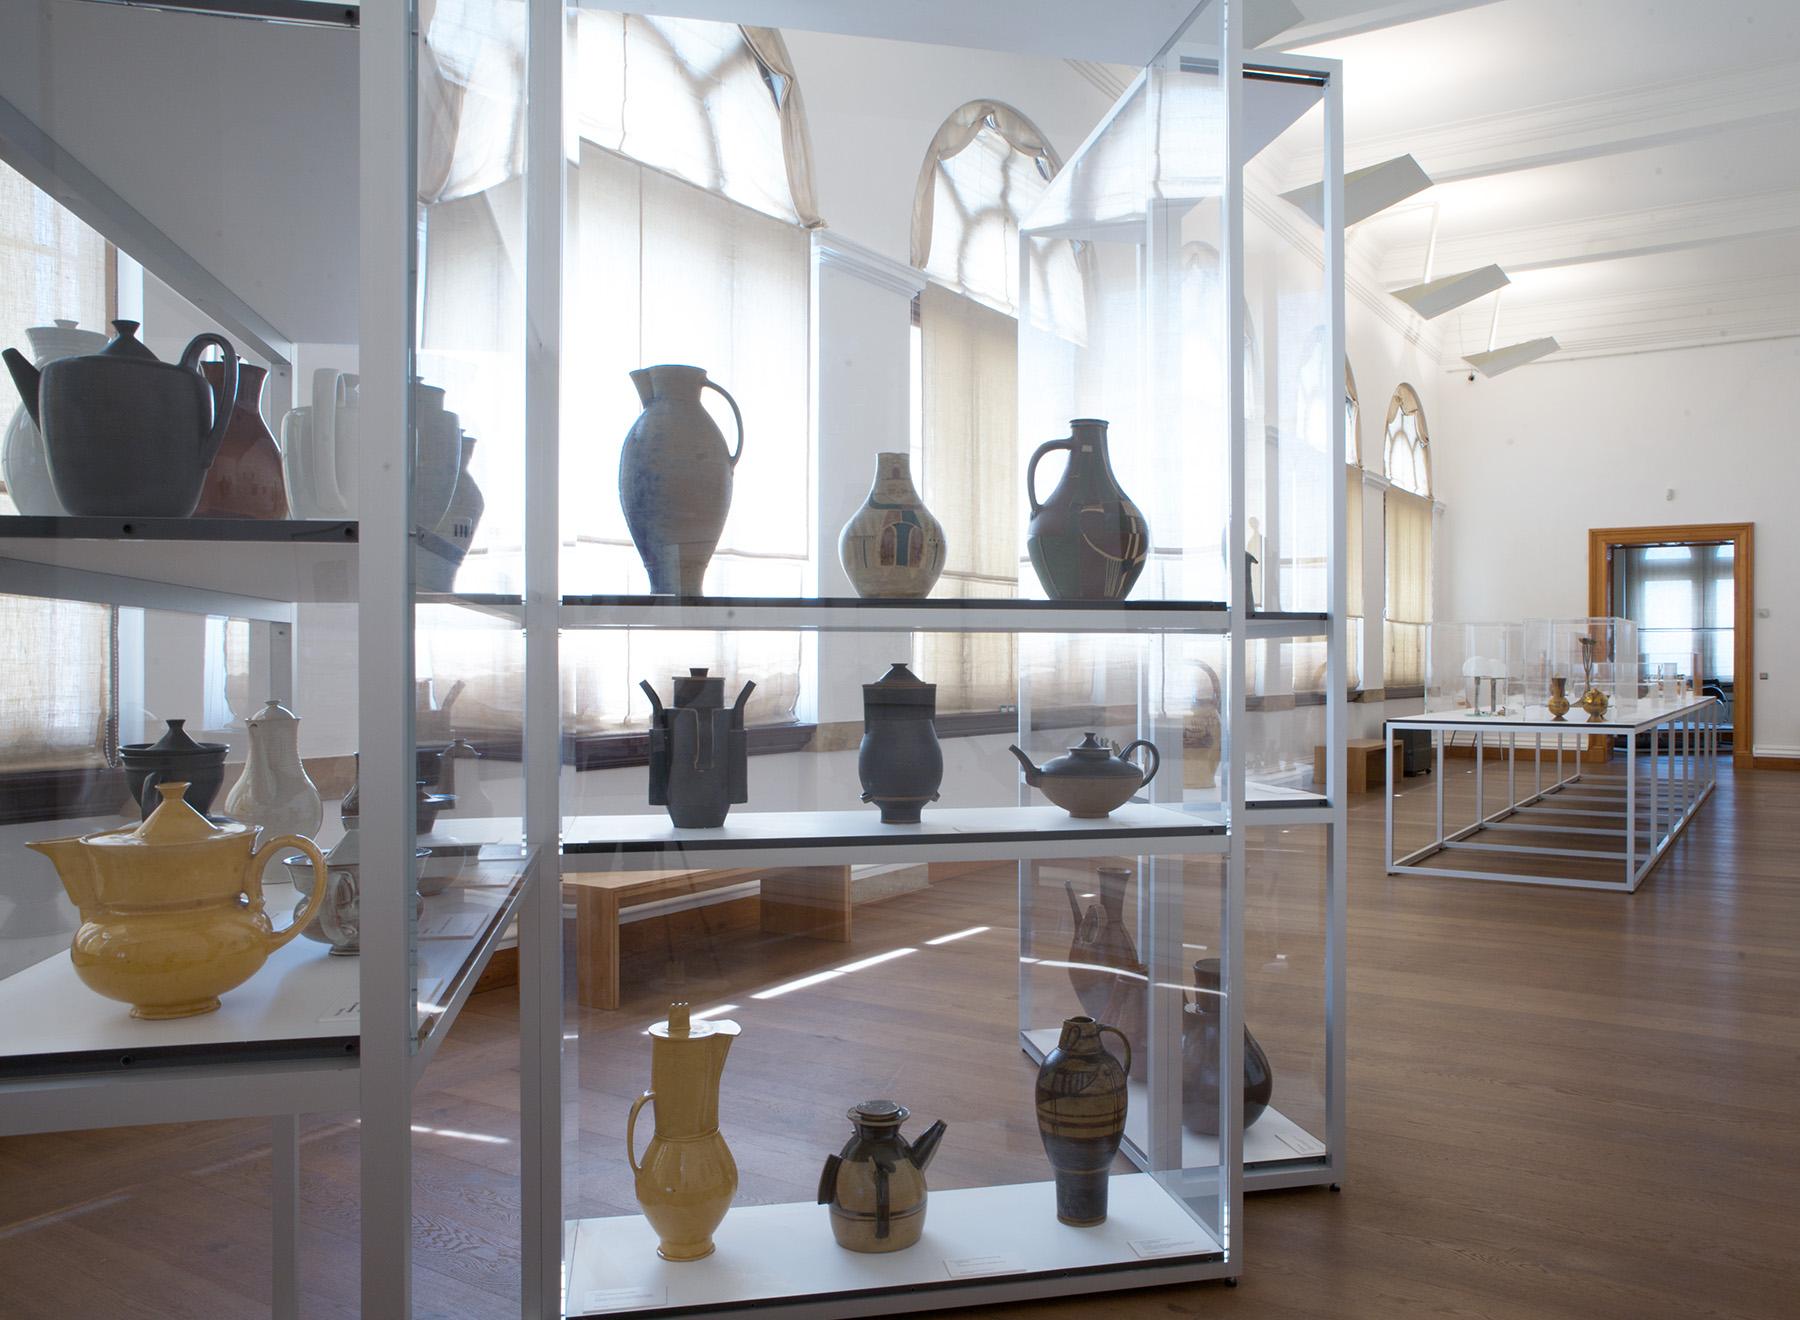 Neues Museum, photo: Veit Landwehr